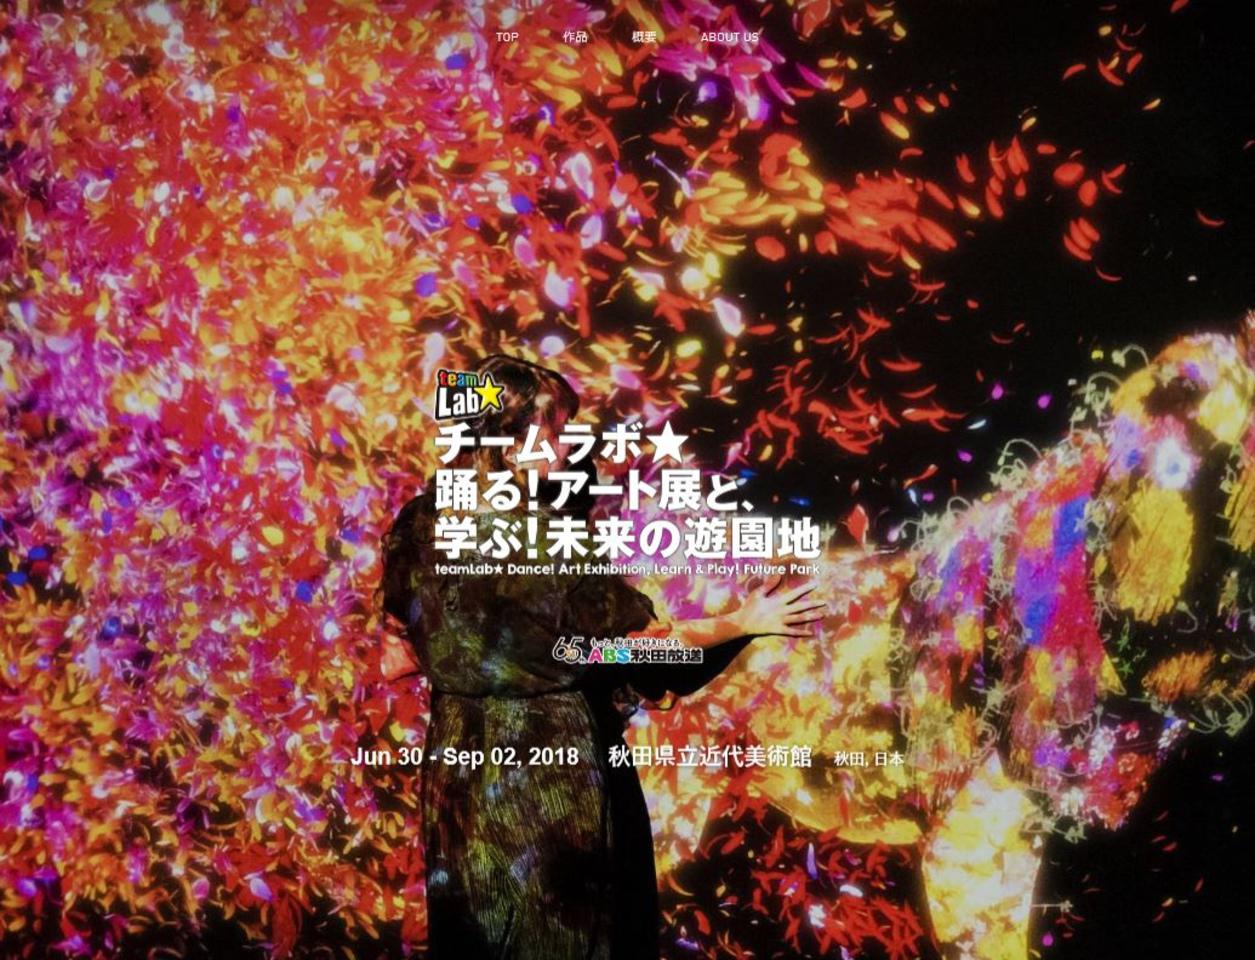 ABS秋田放送開局65周年「チームラボ 踊る!アート展と、学ぶ!未来の遊園地」